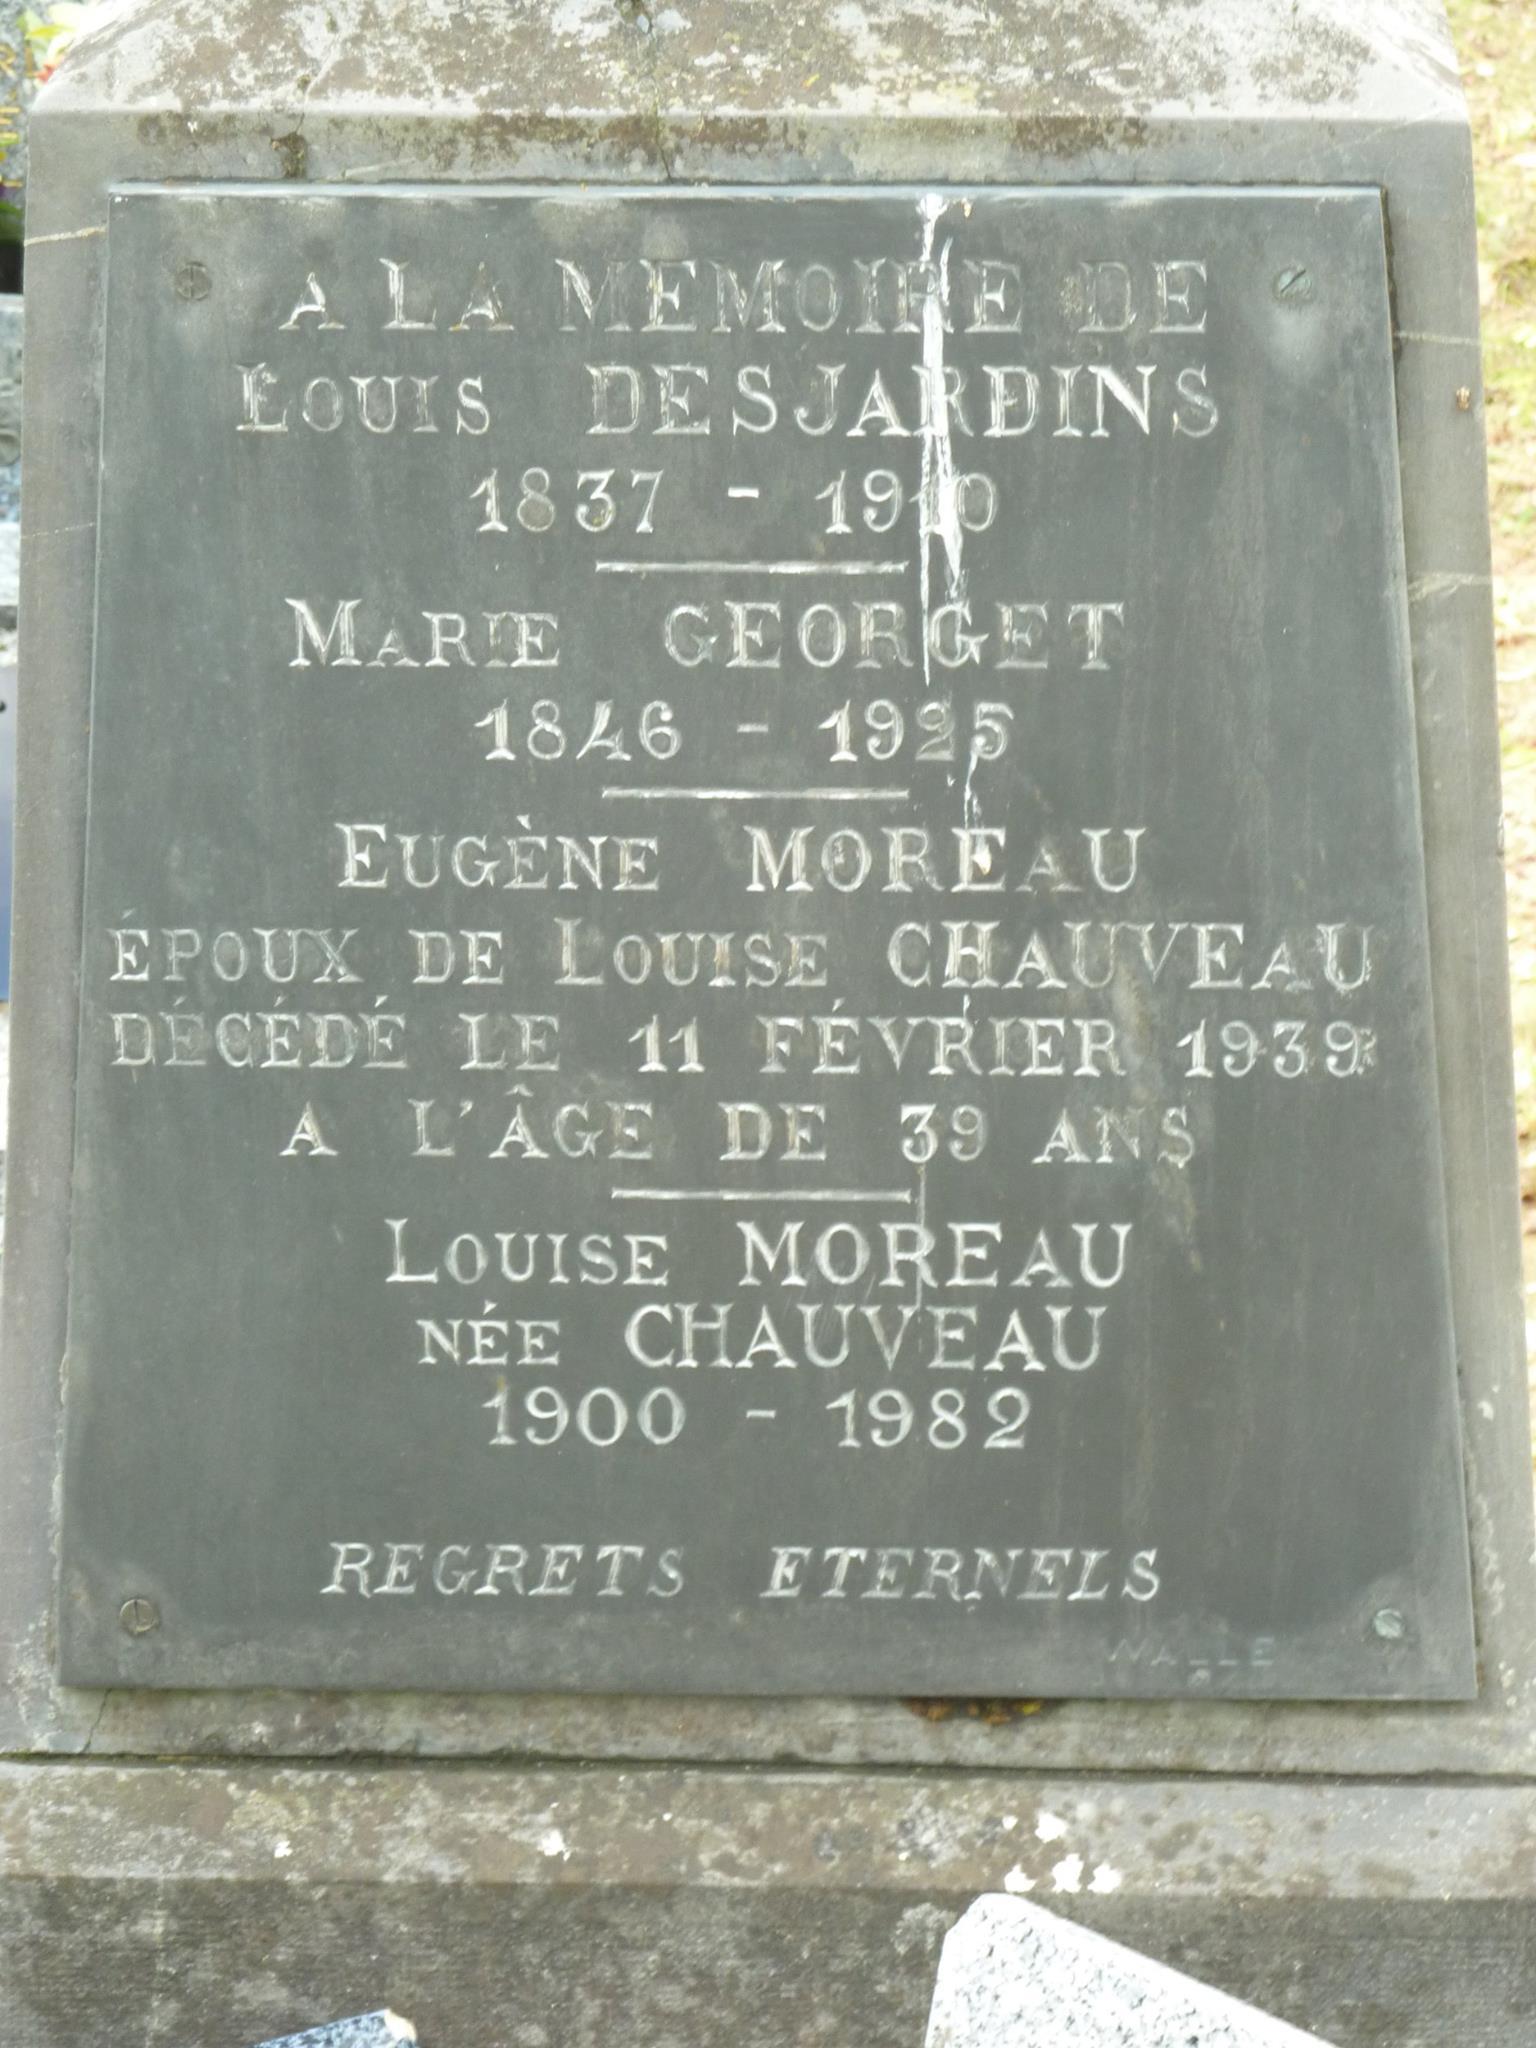 Clermont Créans - Cimetière - DESJARDINS Louis - GEORGET Marie - MOREAU Eugène et CHAUVEAU Louise 02 (Loïc Prémartin)